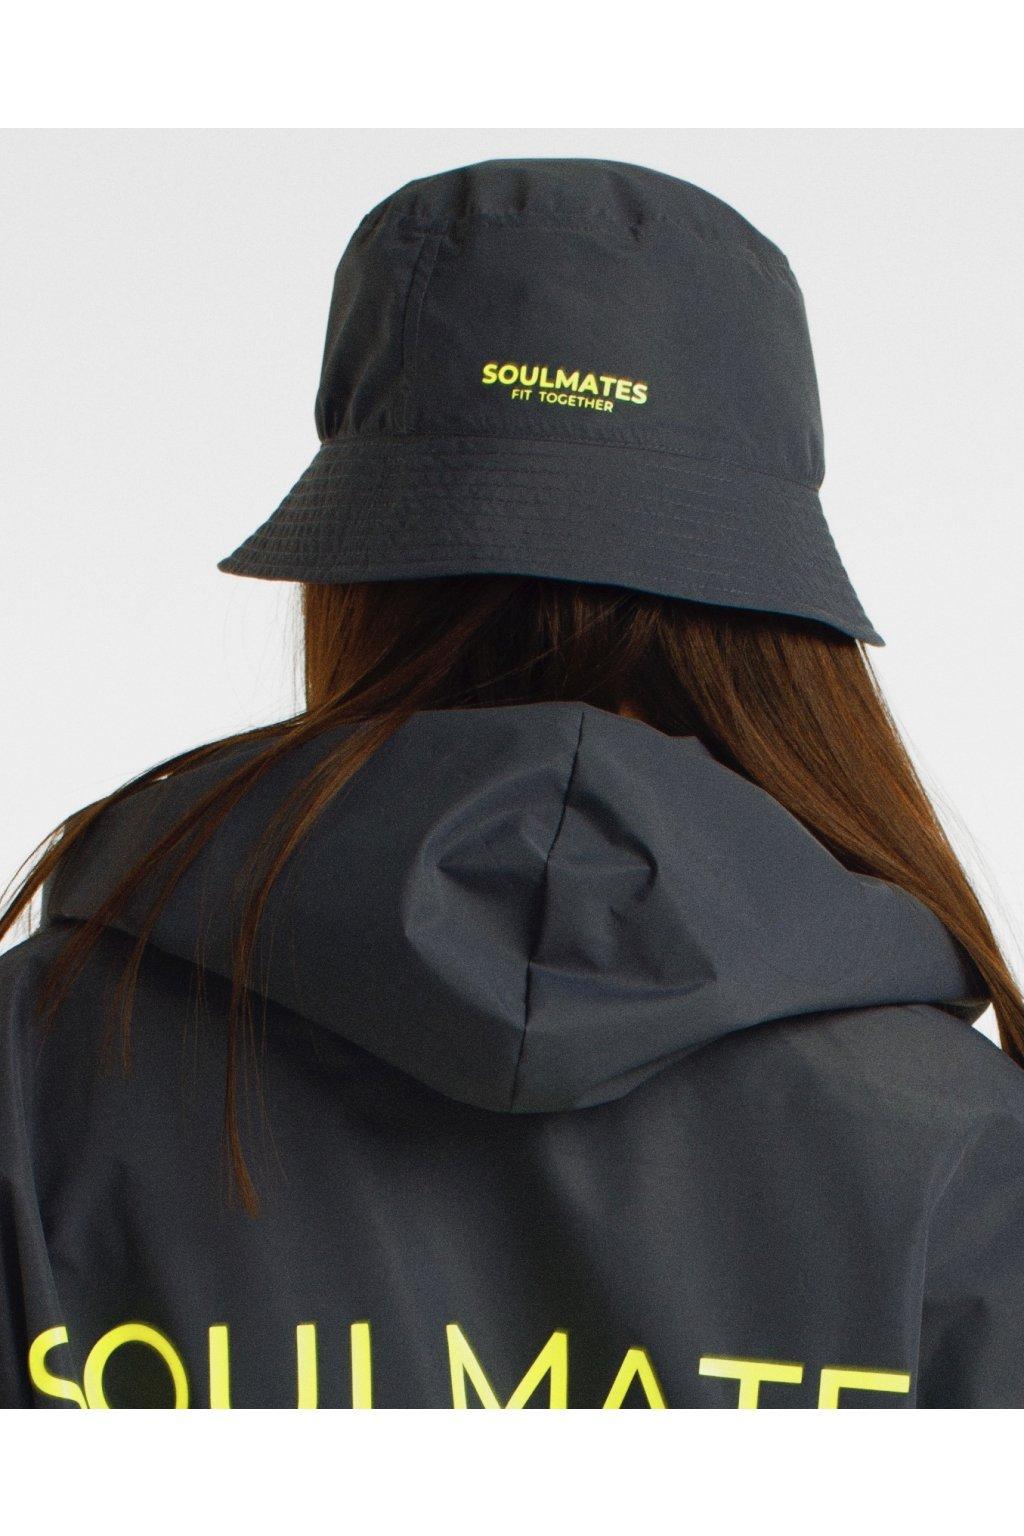 Stylový klobouček SOULMATES • grey / šedá